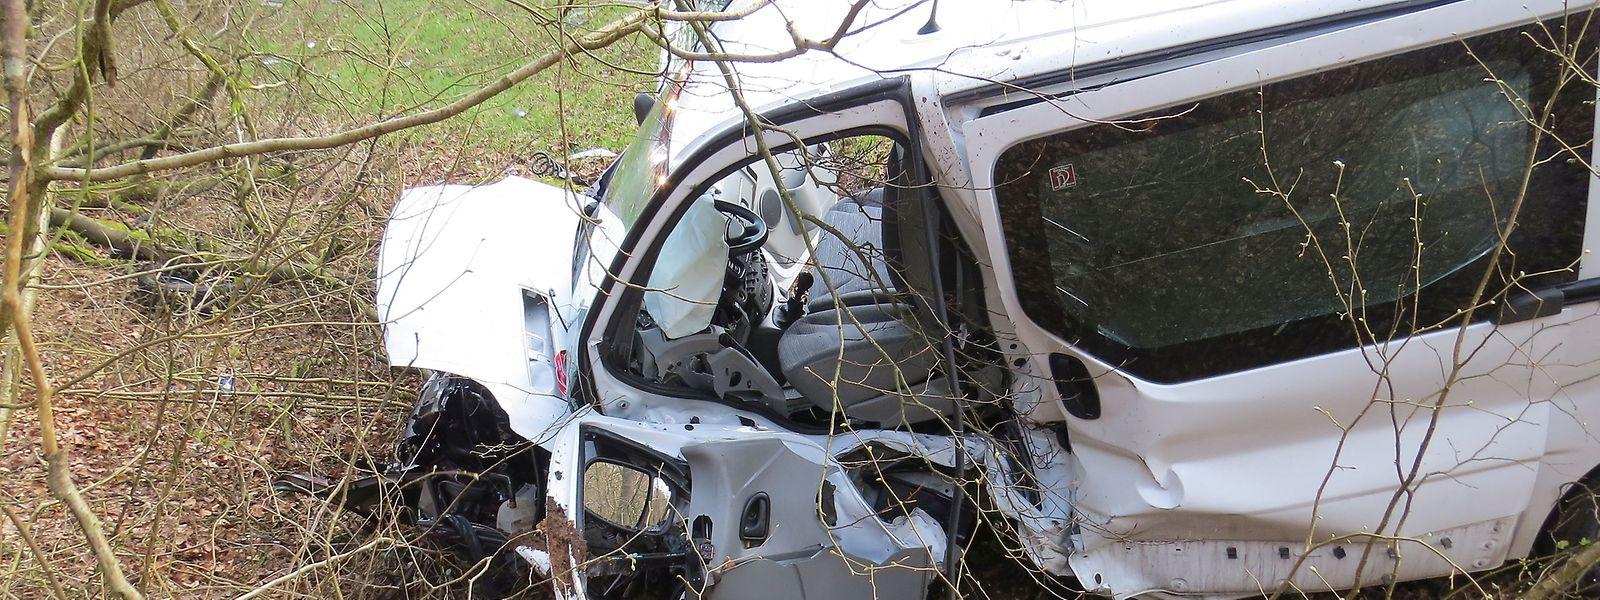 Der Fahrer des Lieferwagens wurde schwer verletzt.